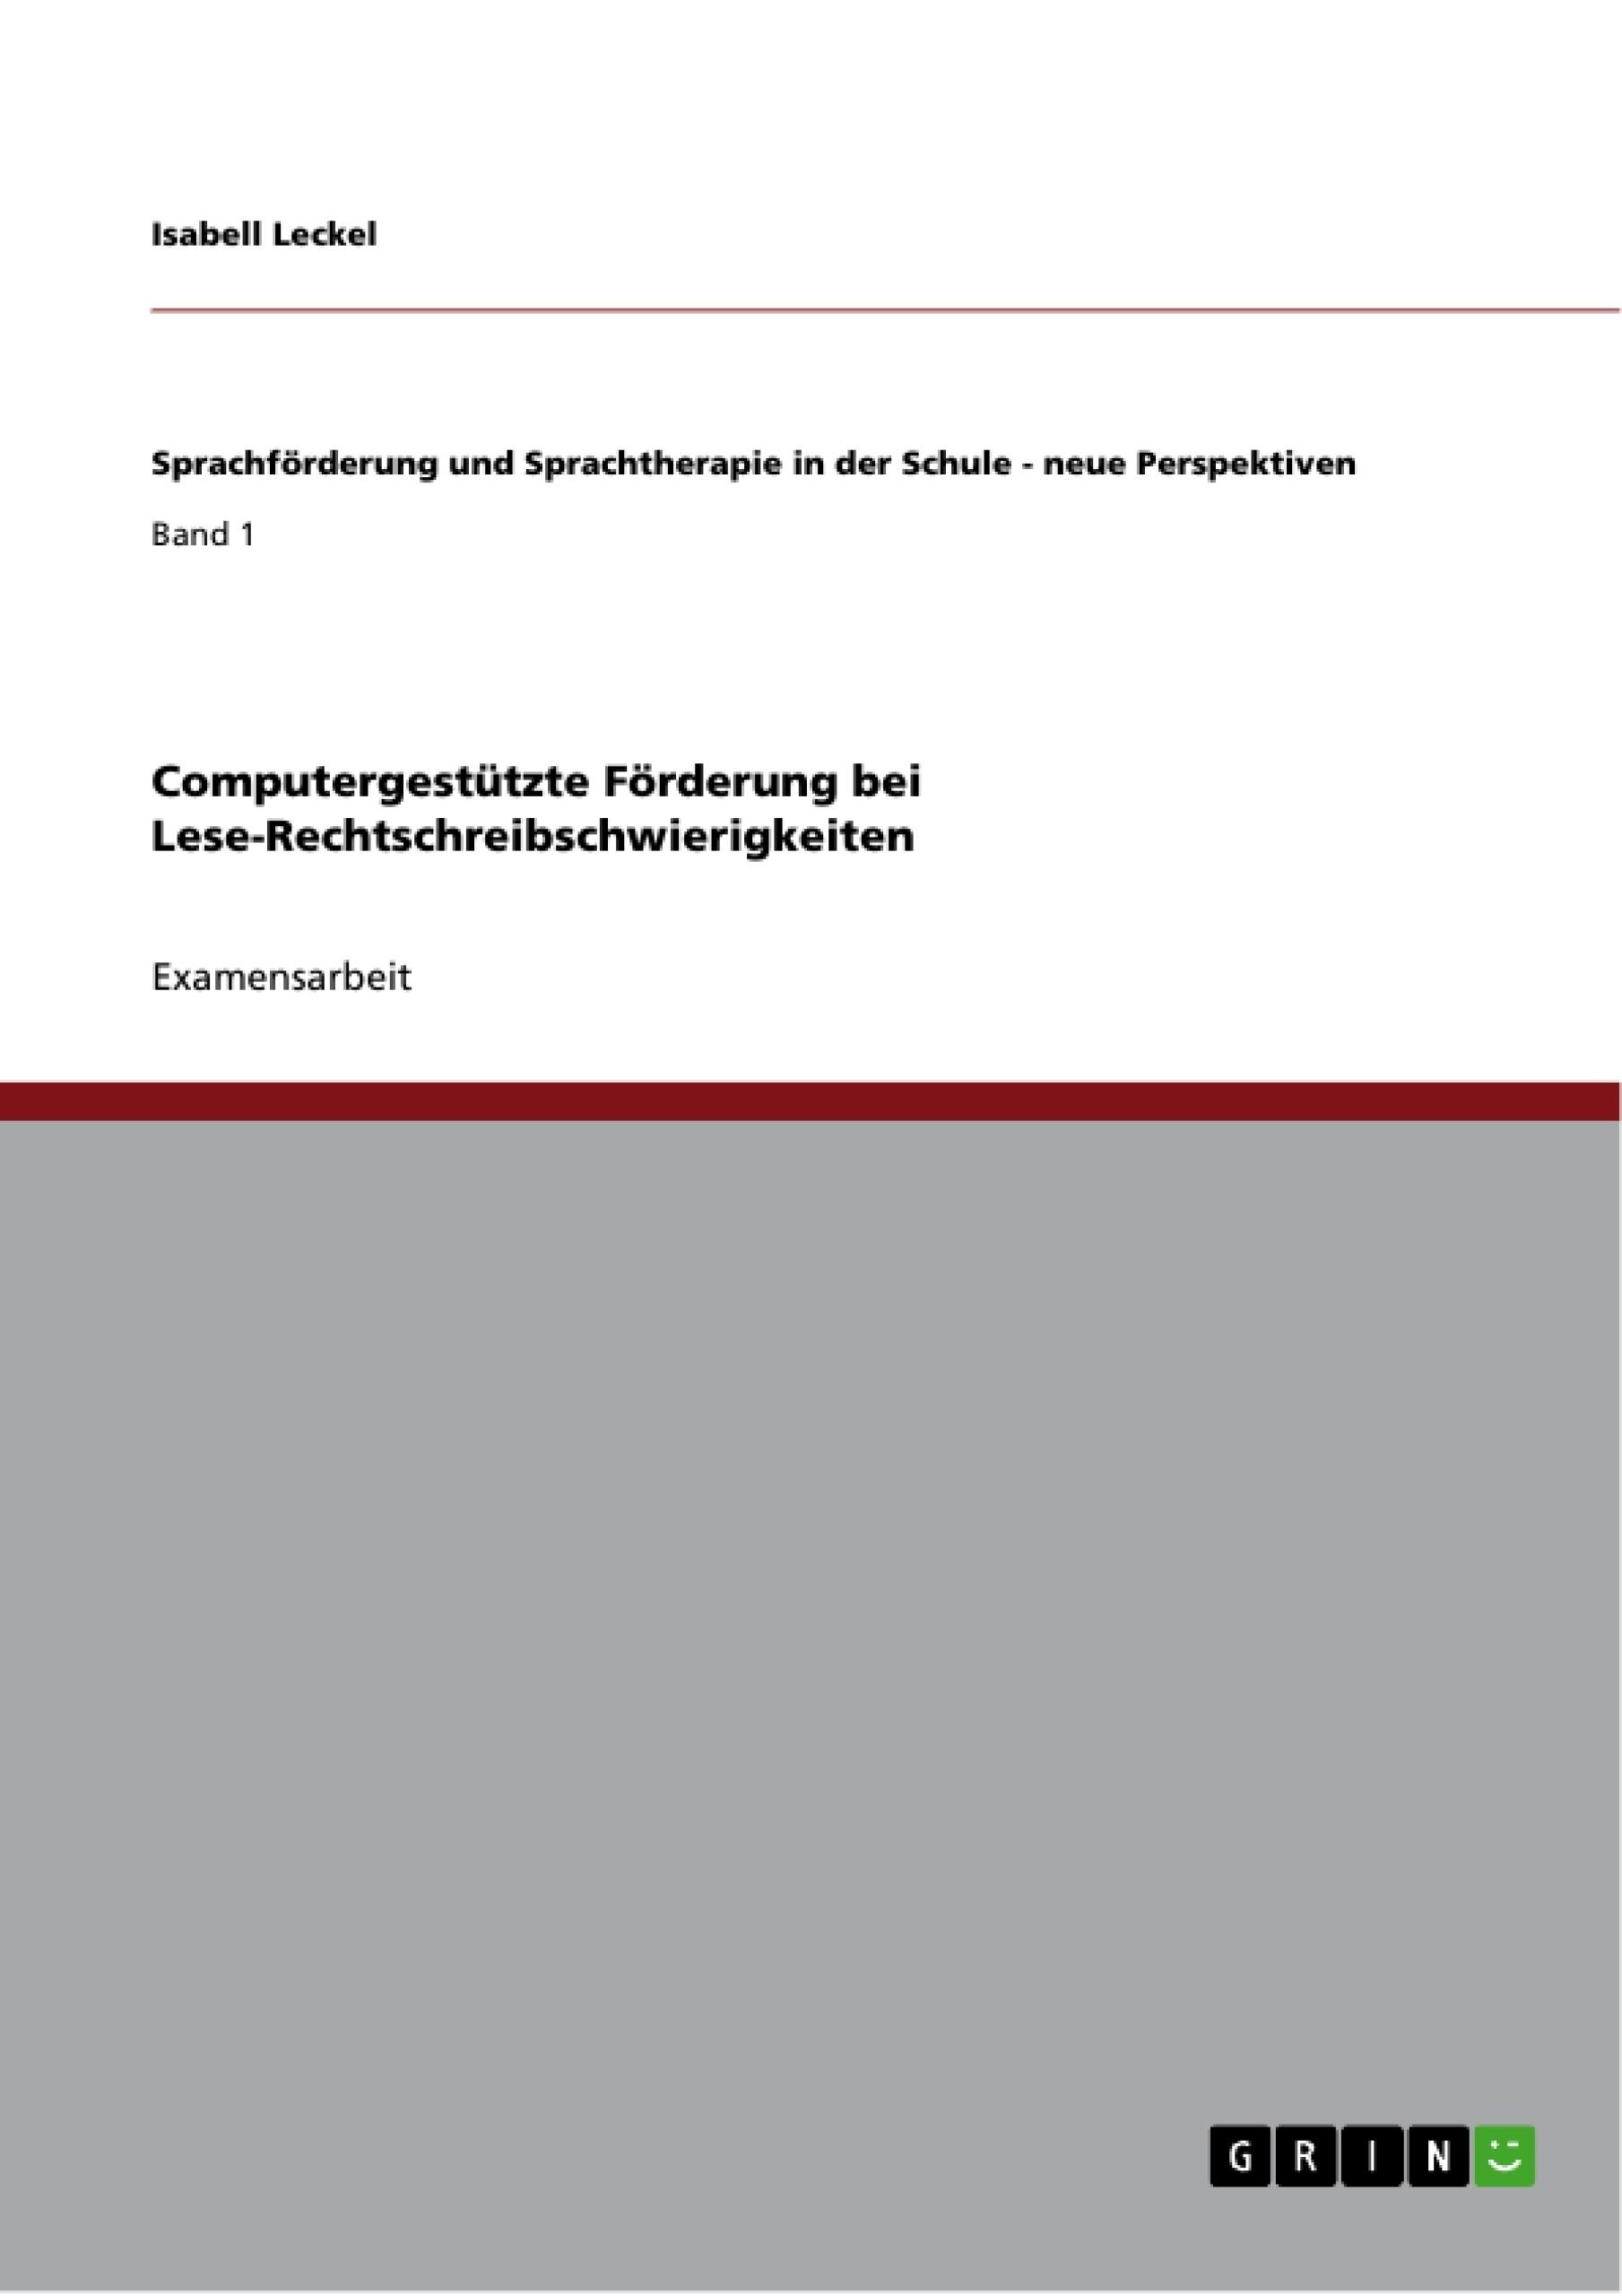 Titel: Computergestützte Förderung bei Lese-Rechtschreibschwierigkeiten